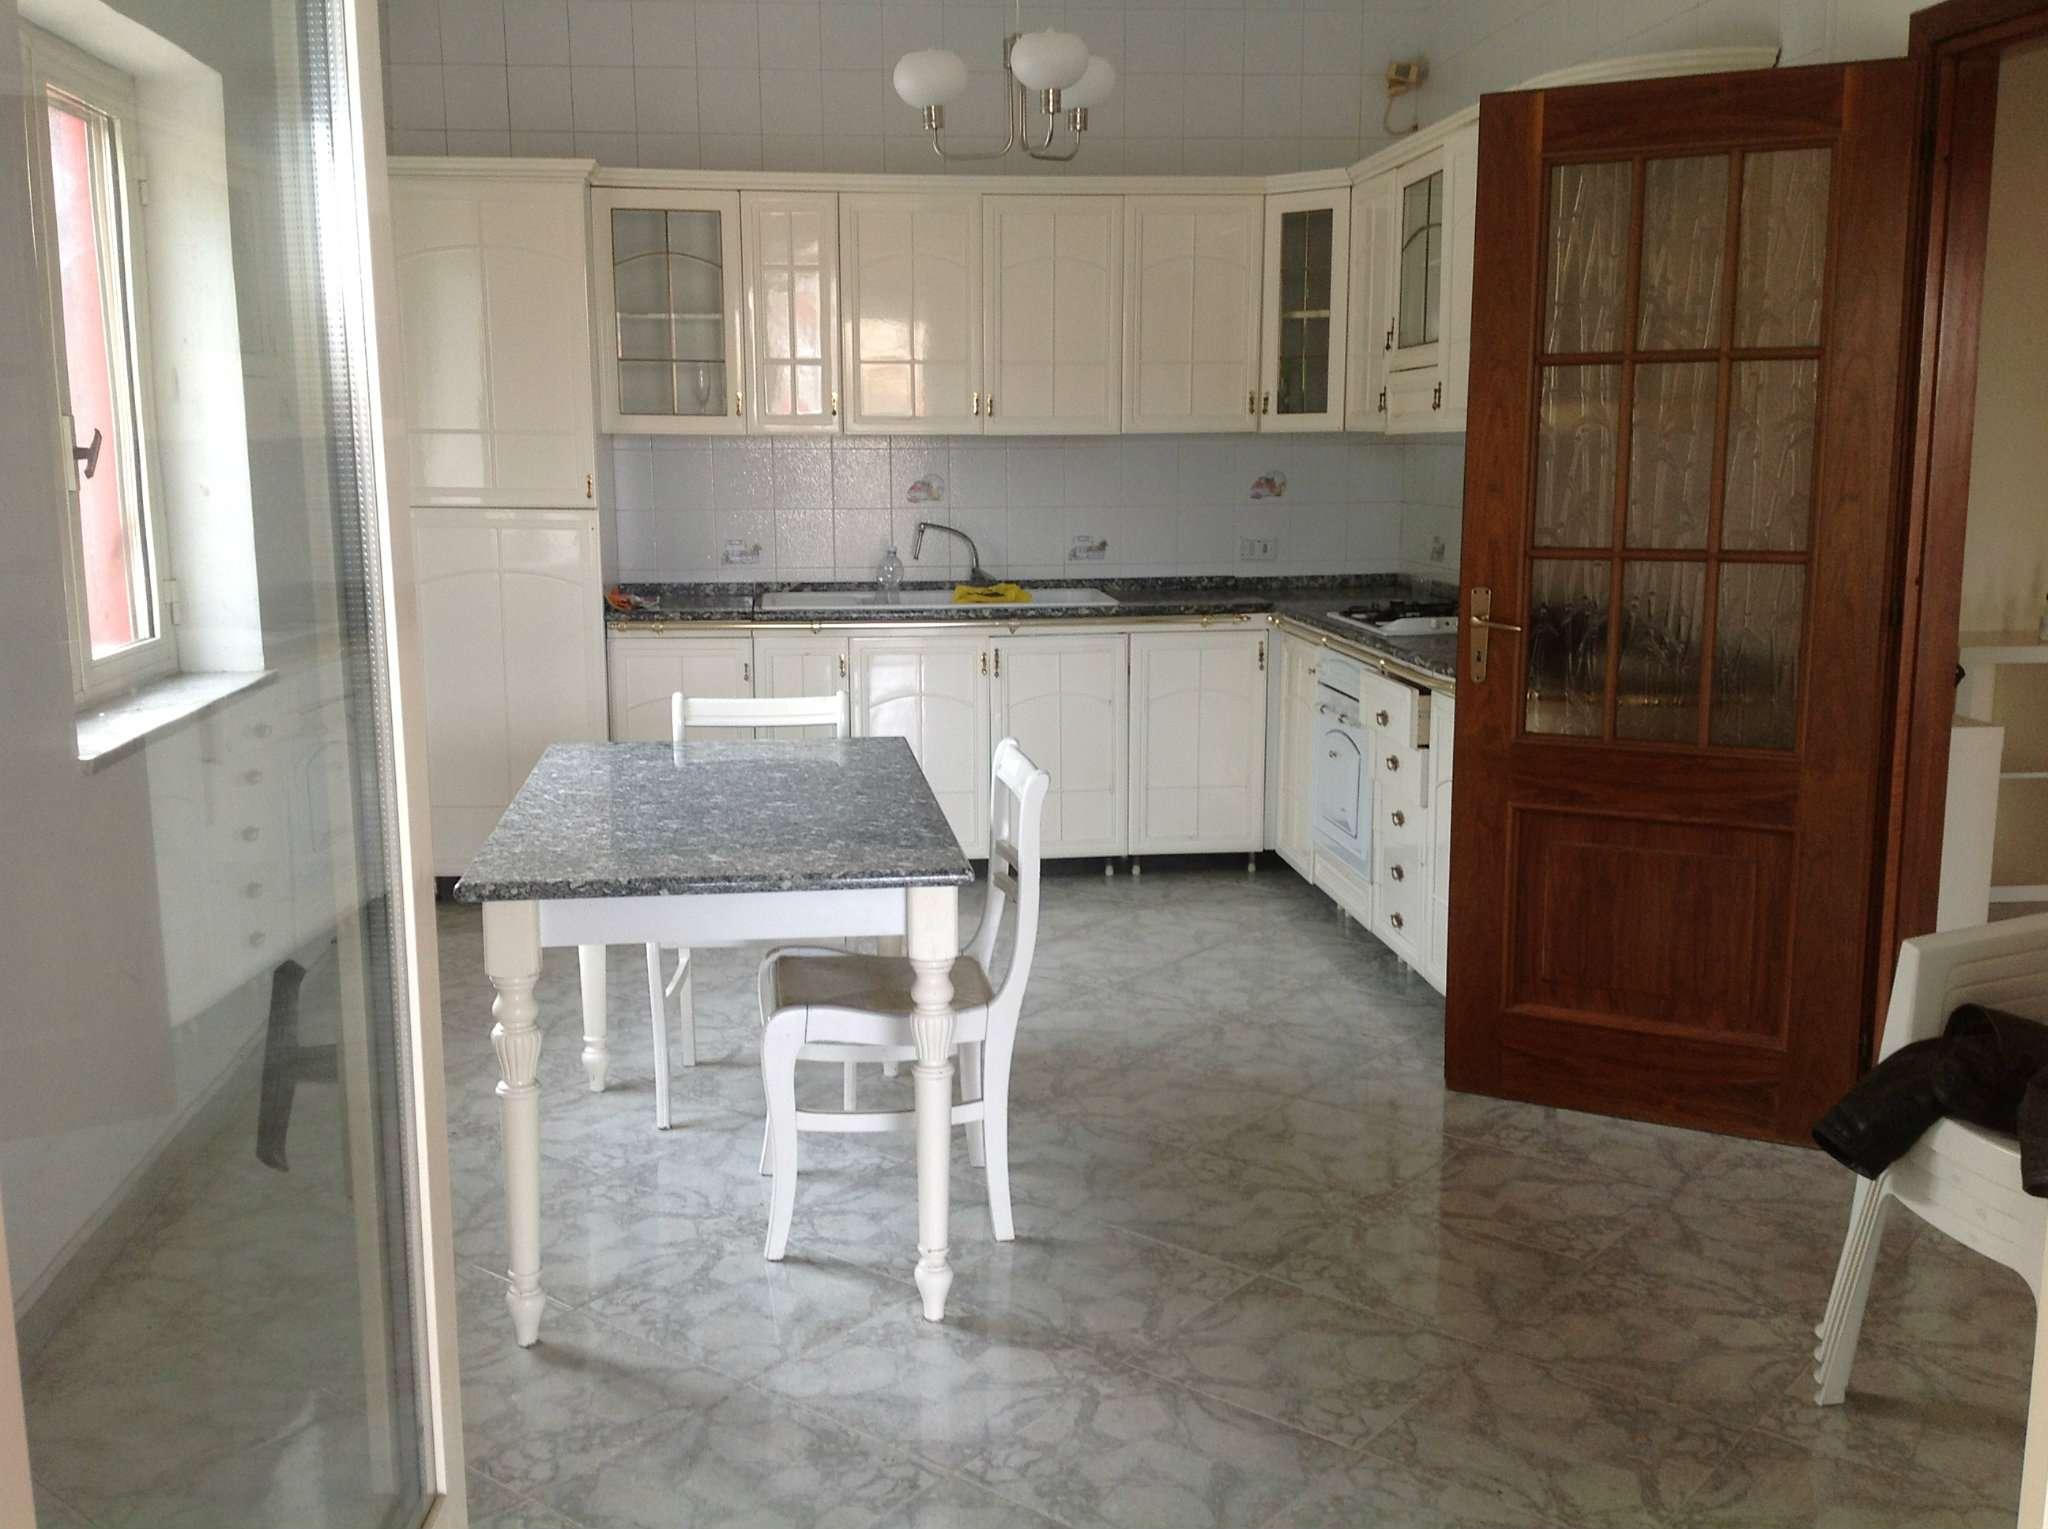 Villa in affitto a Pozzuoli, 3 locali, prezzo € 700 | Cambio Casa.it